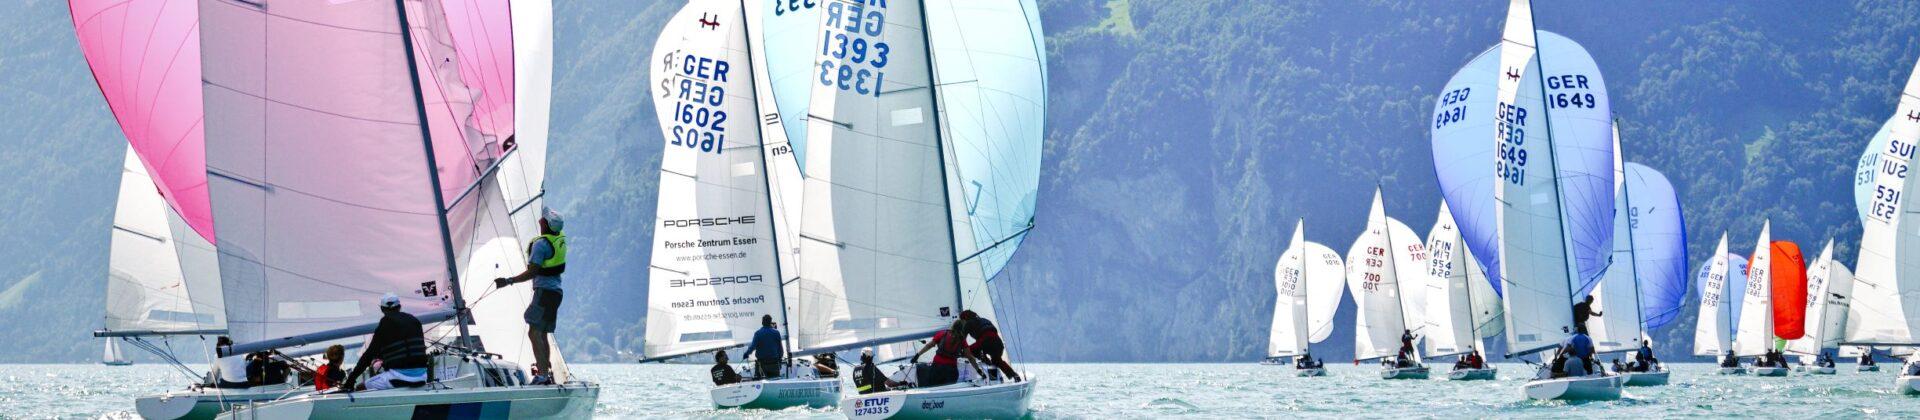 H-boat Worlds 2017 i Schweiz